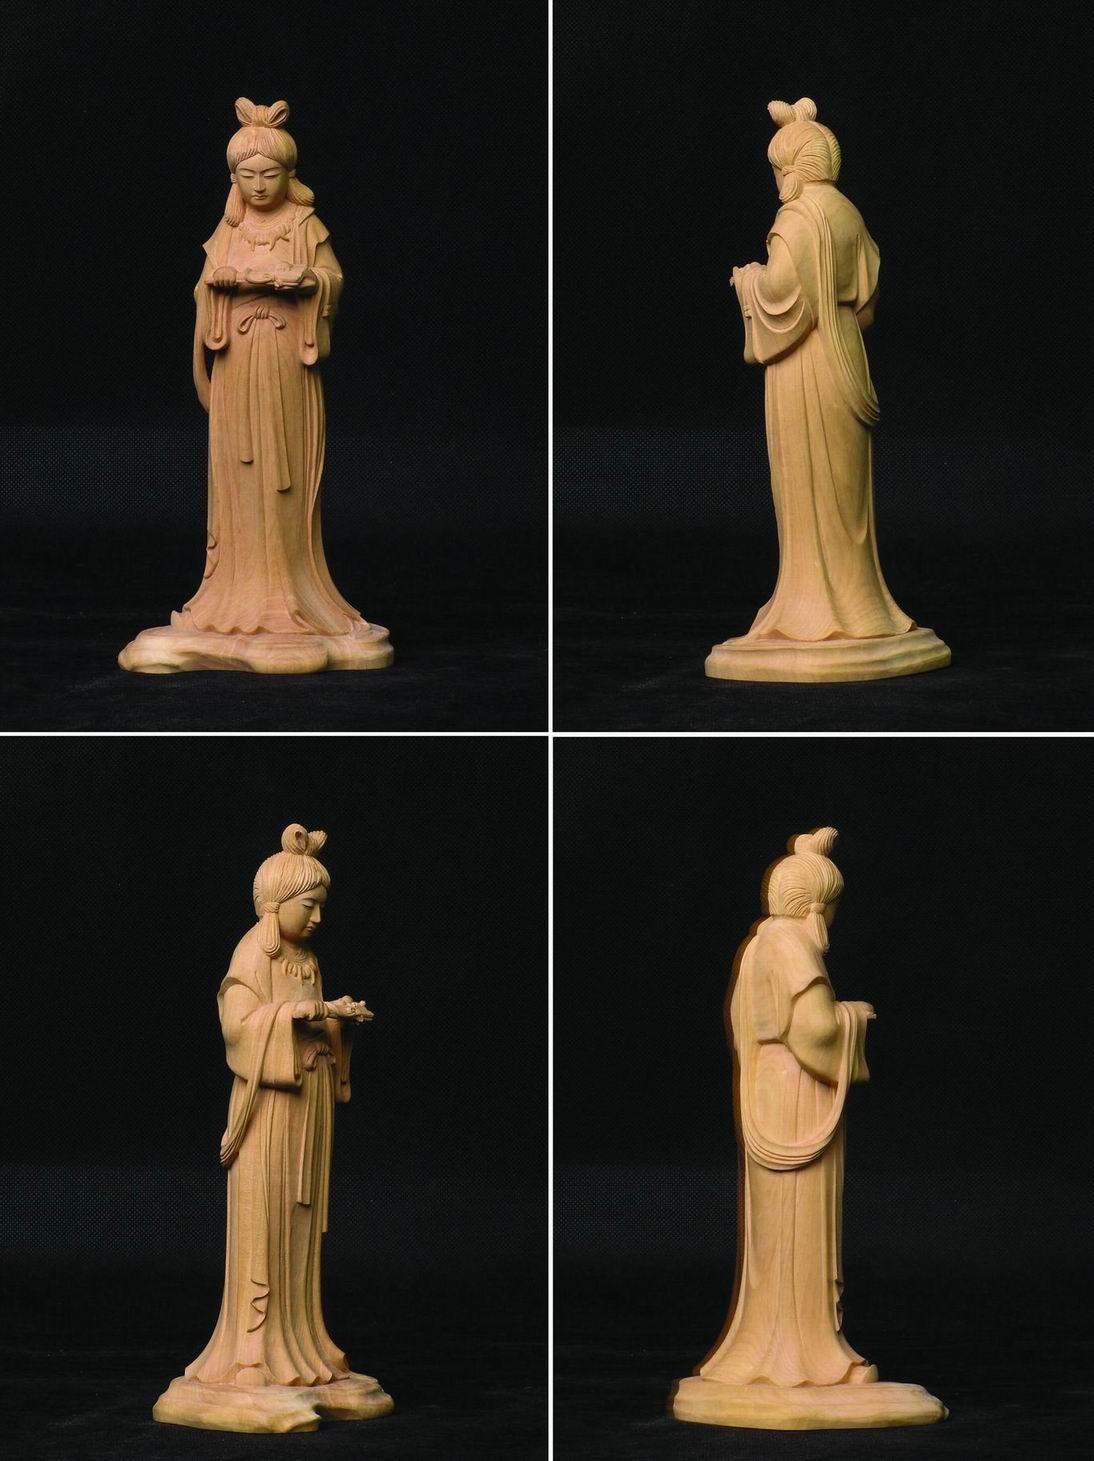 衣通姬 黄杨木雕 日本佛像 高级工艺品